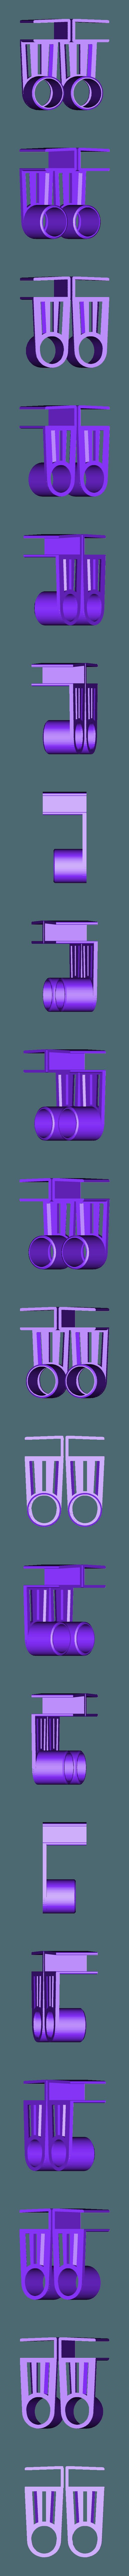 PaperTowelHolder_Decor_Complete_set.stl Télécharger fichier STL gratuit Porte-serviettes en papier (pour étagère de 18 mm) • Design imprimable en 3D, stibo